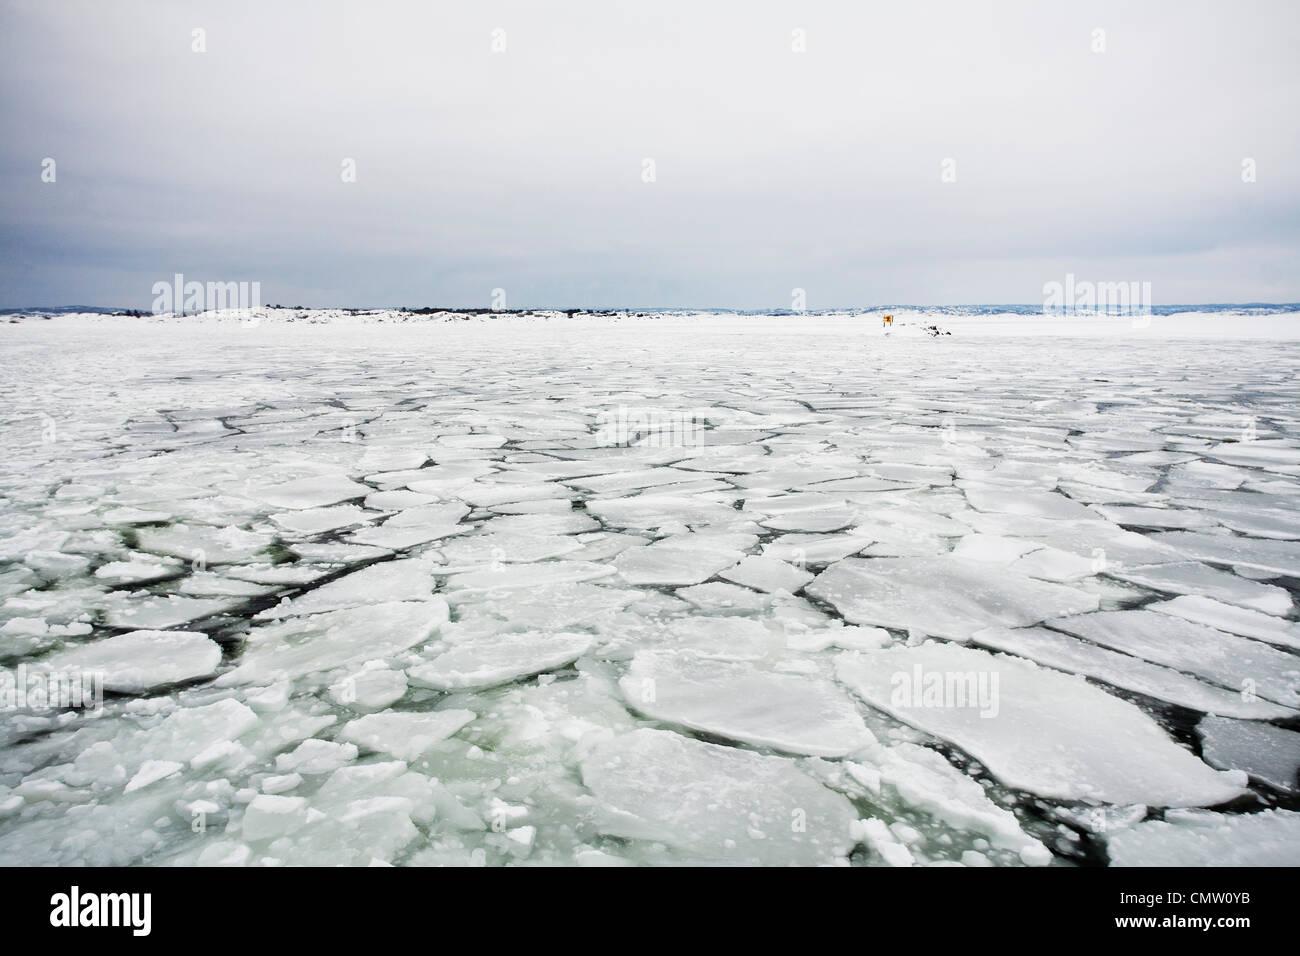 Cracked icecap - Stock Image